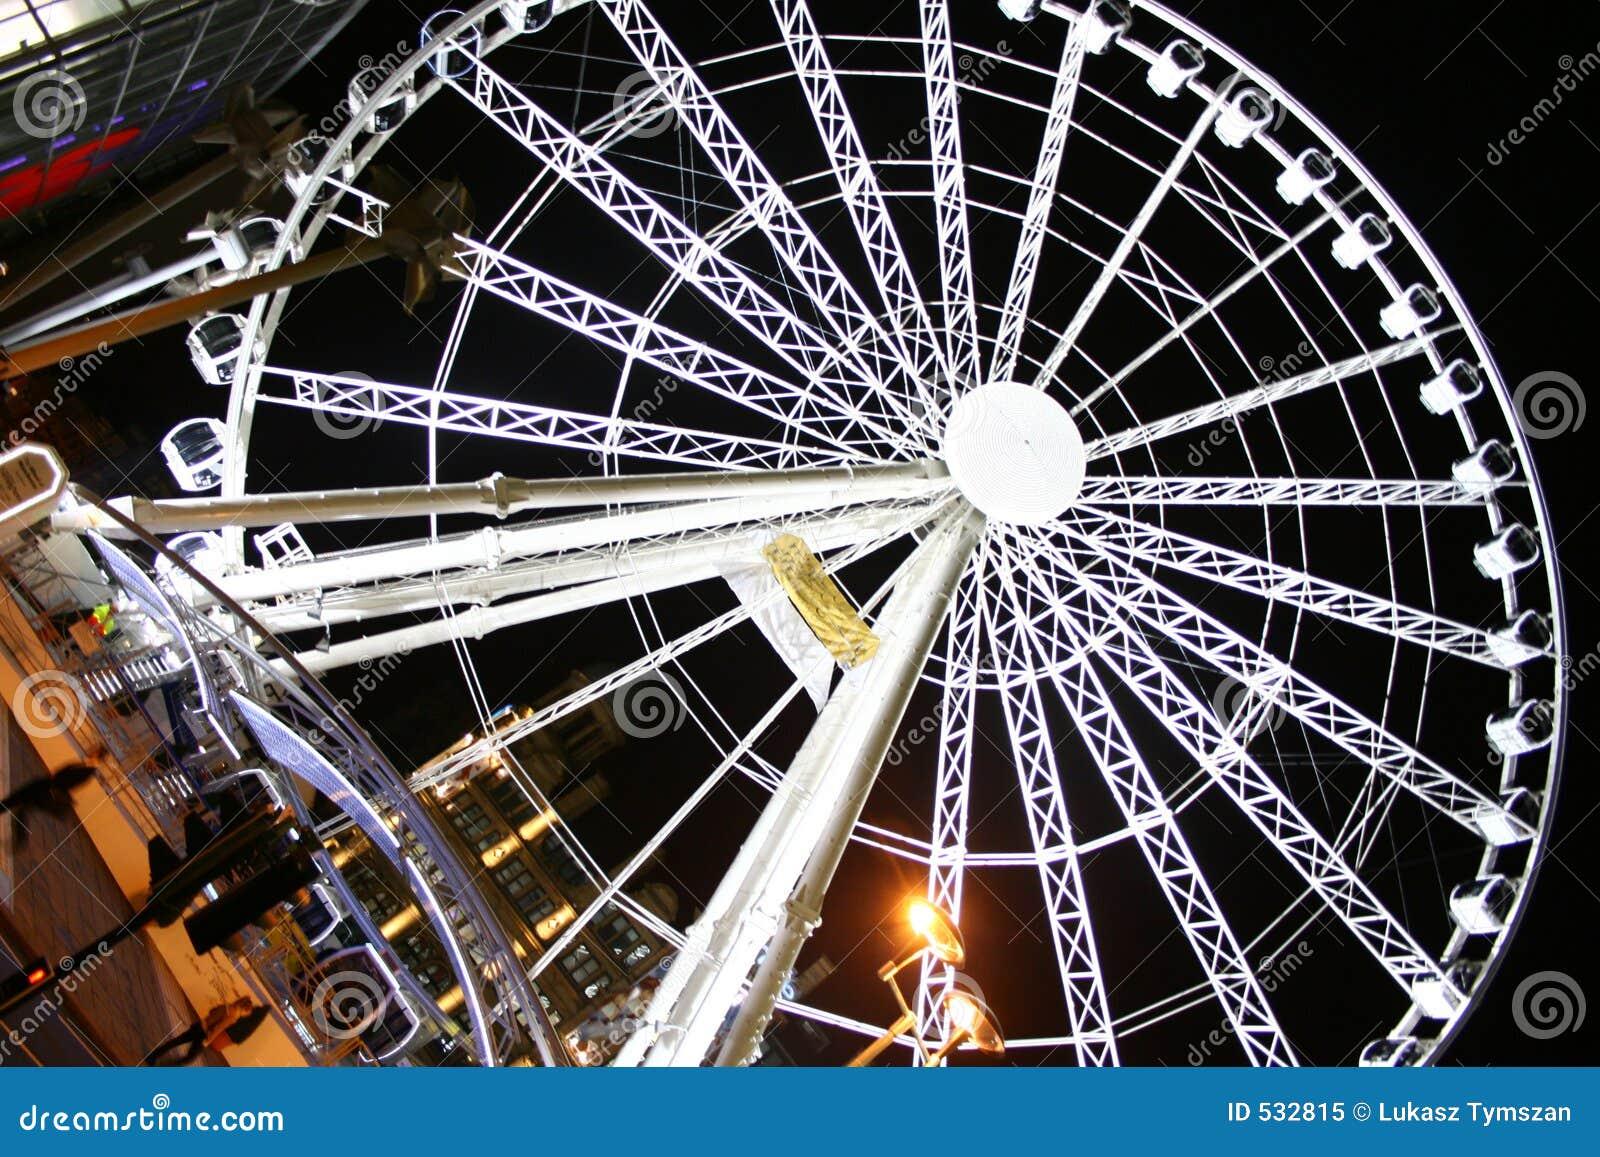 Download 曼彻斯特轮子 库存图片. 图片 包括有 游艺集市, 革命, 英国, 兴奋, 招待, 巨型, 公平, 晚上, 快速 - 532815